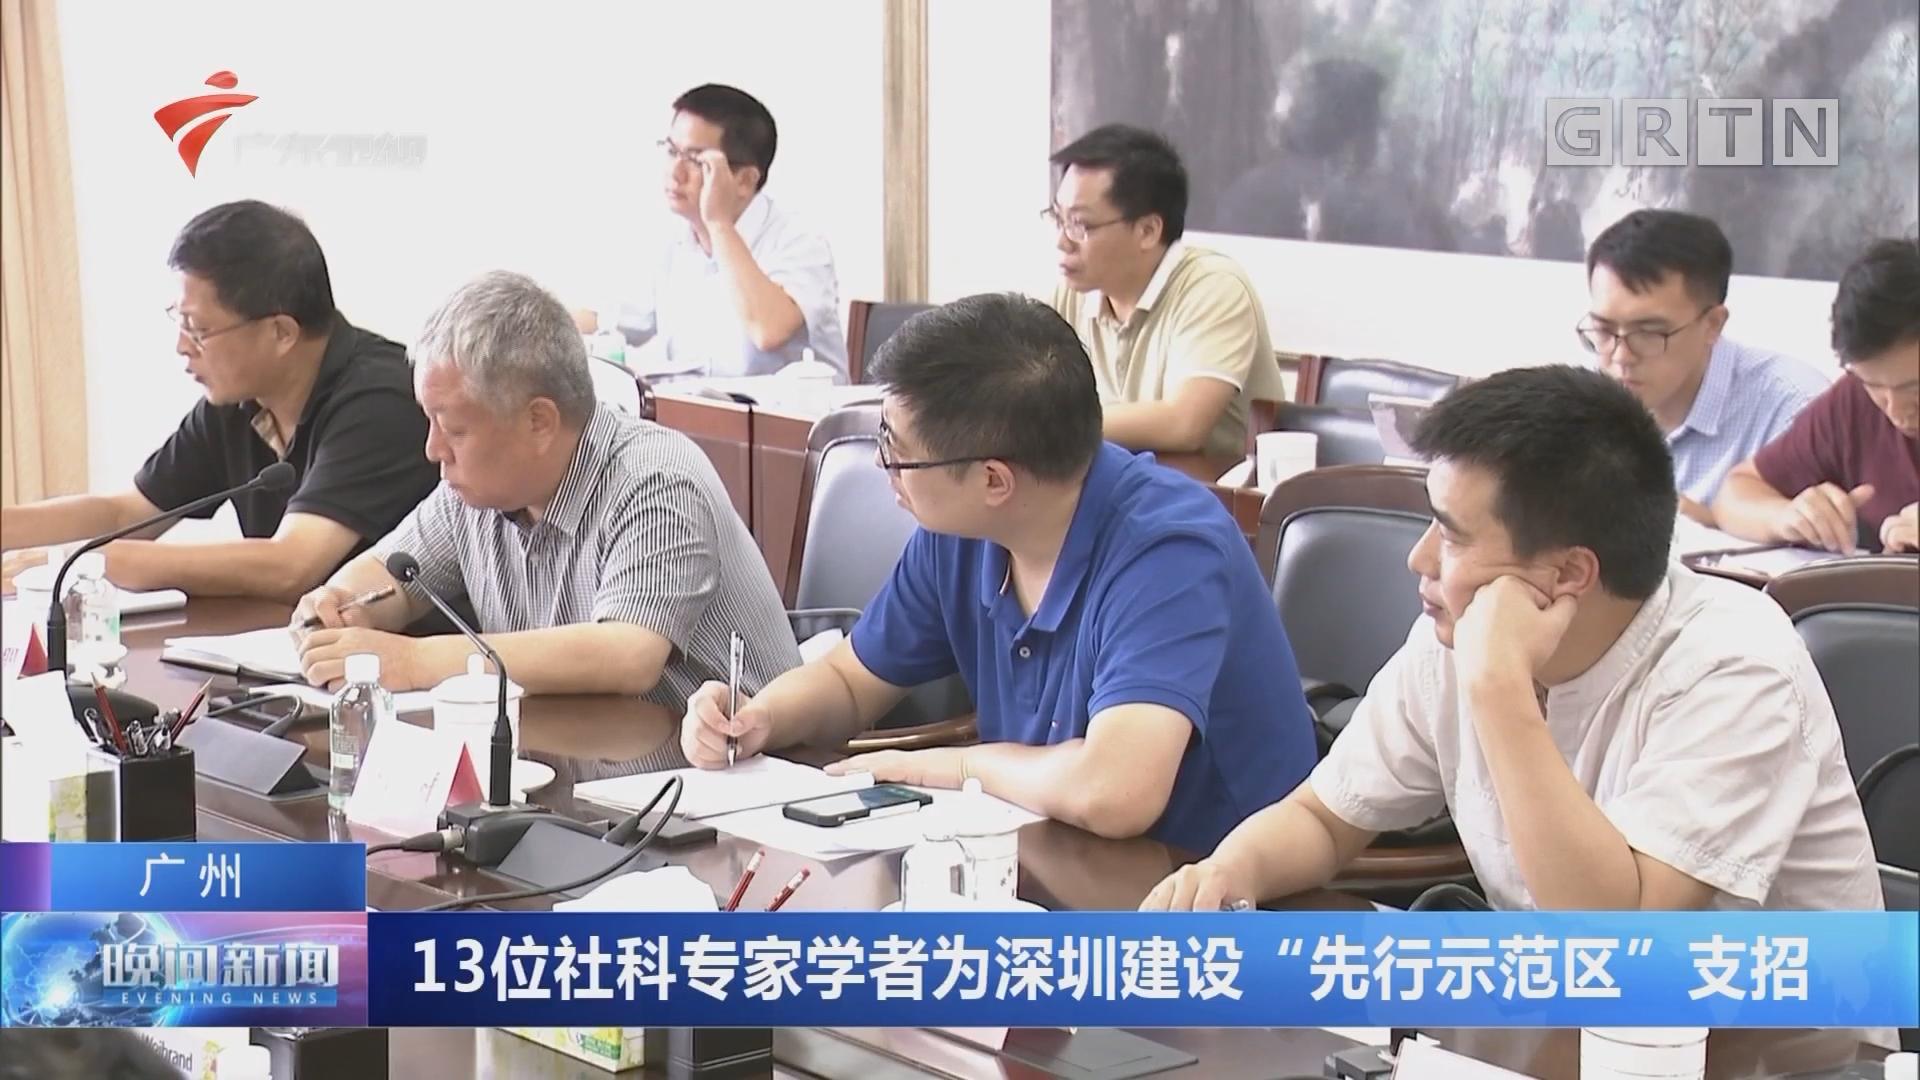 """广州:13位社科专家学者为深圳建设""""先行示范区""""支招"""